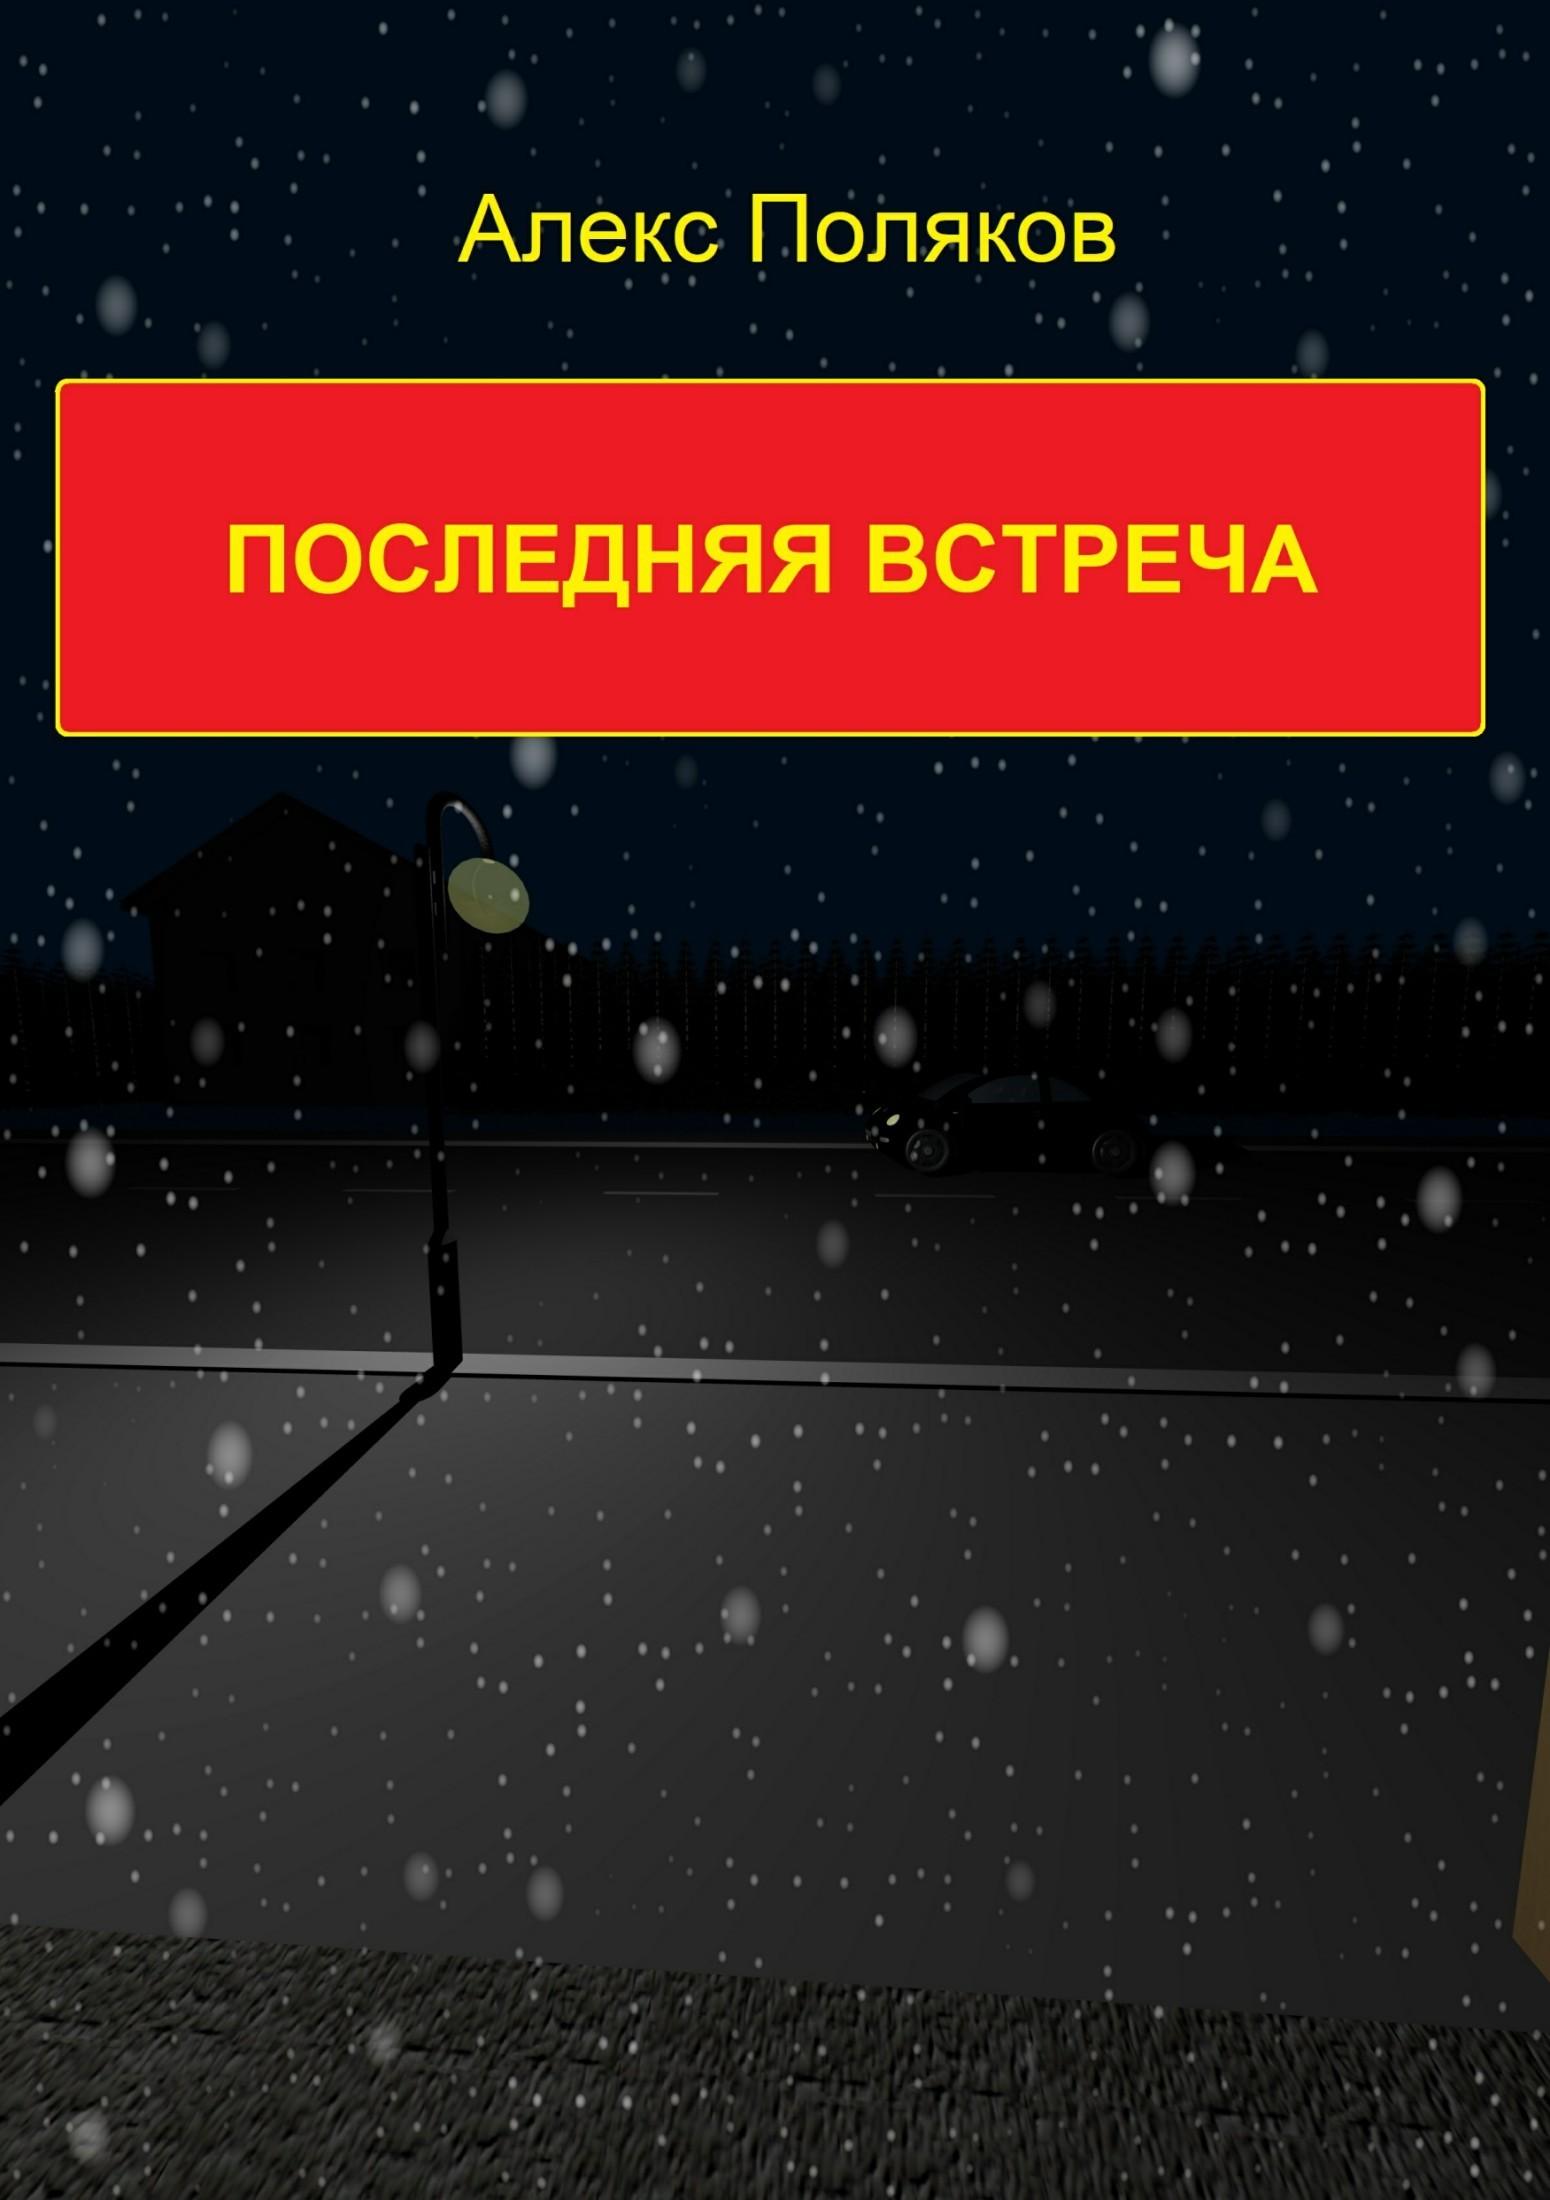 Алекс Поляков - Последняя встреча